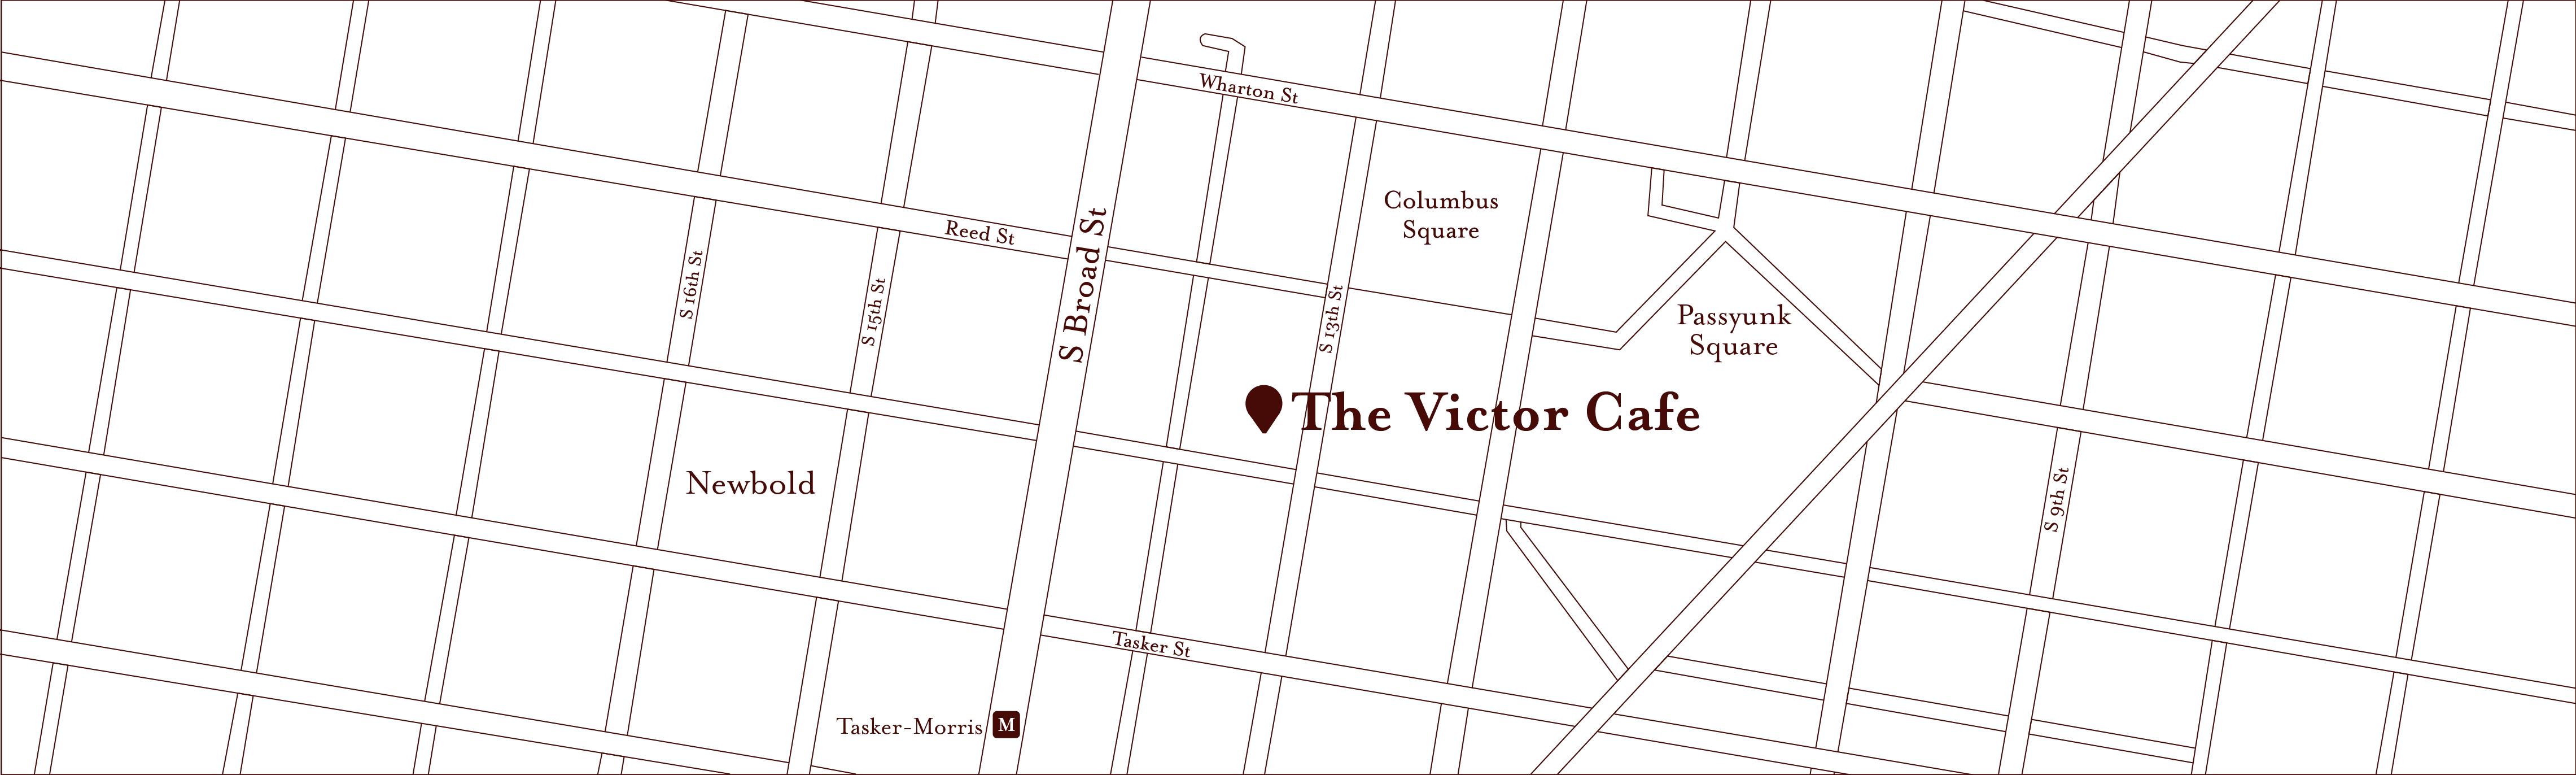 TheVictorCafeSite-12